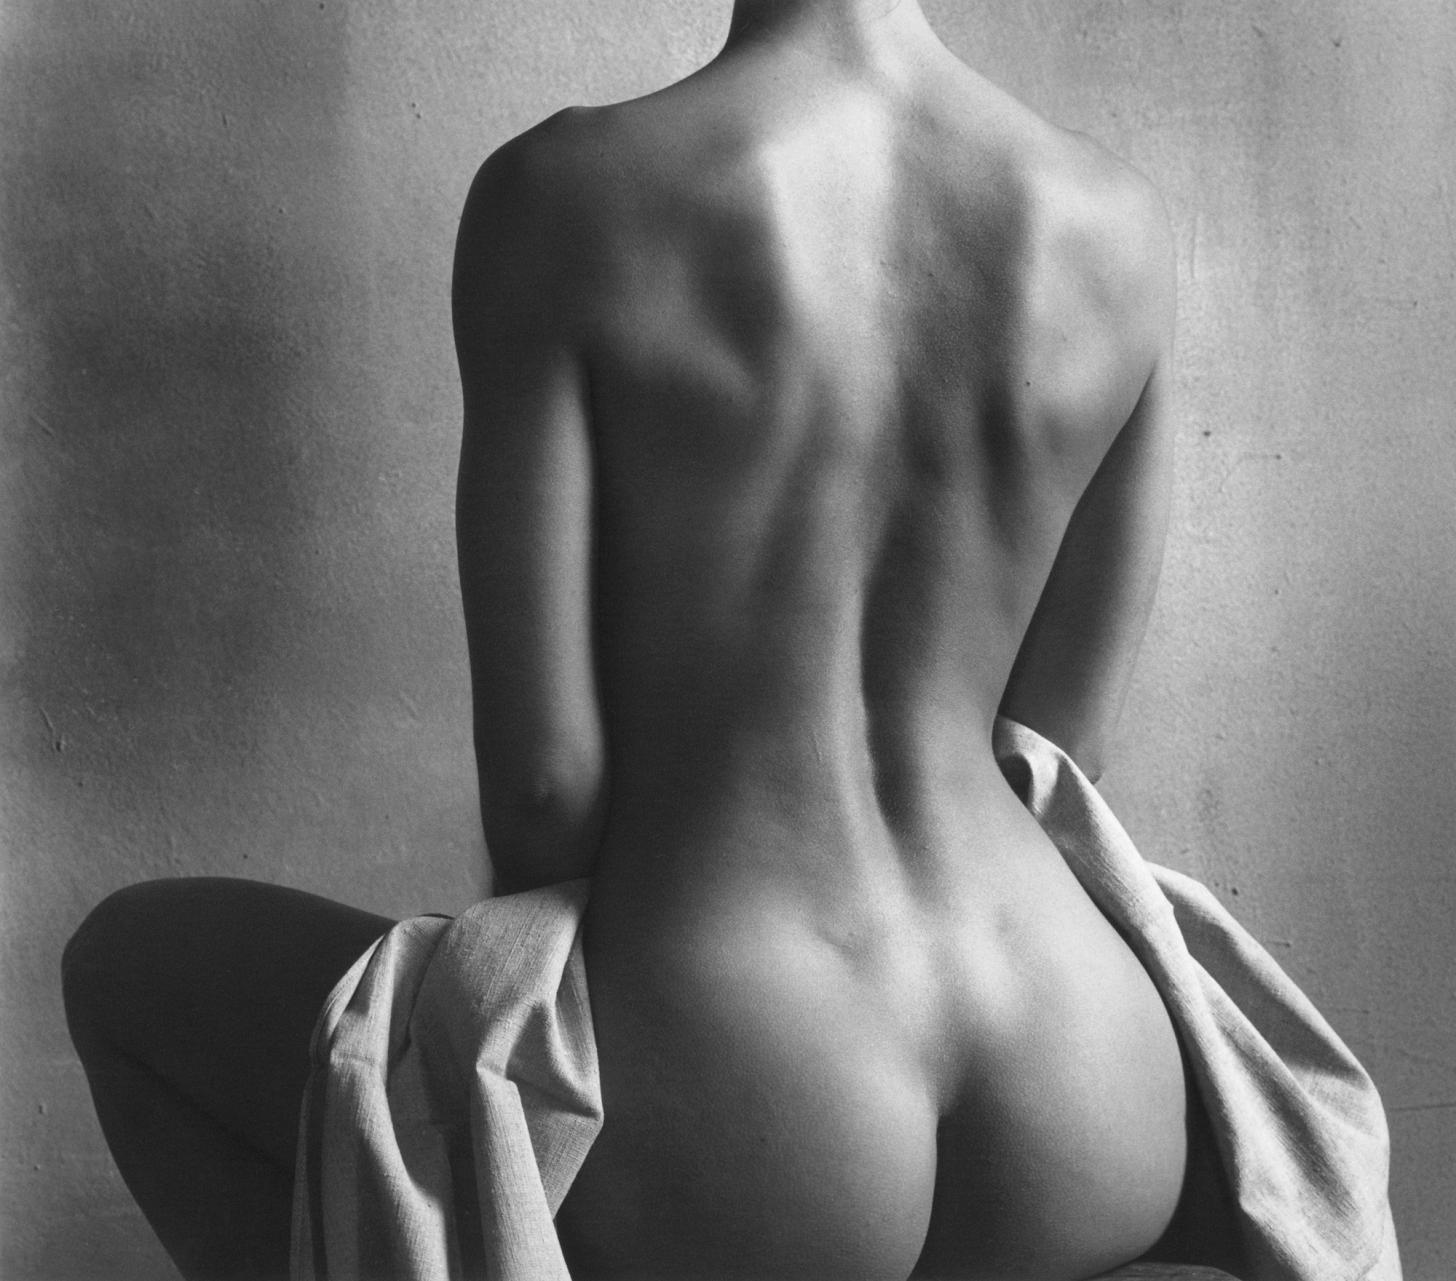 интим фото эротика девушки со спины трахает всех